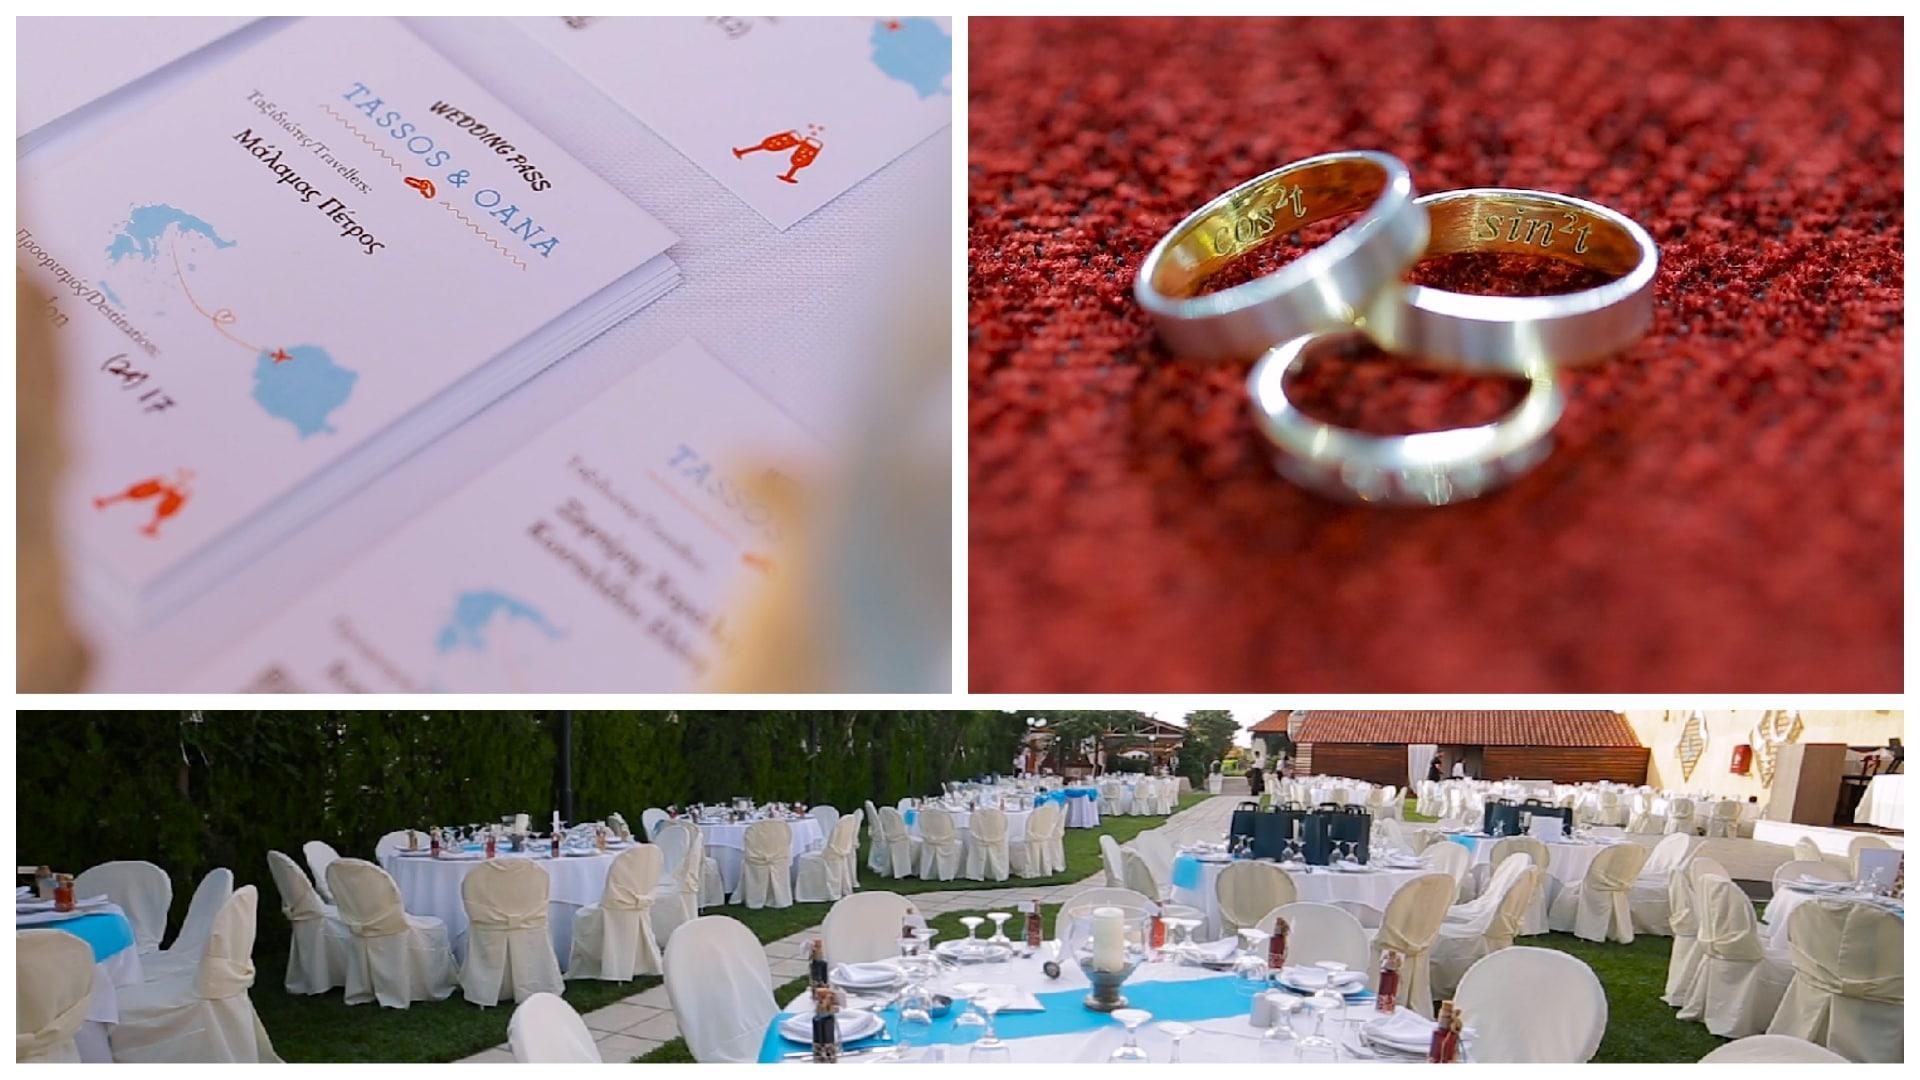 Esküvői meghívő és szabadtéri helyszín görög esküvőn